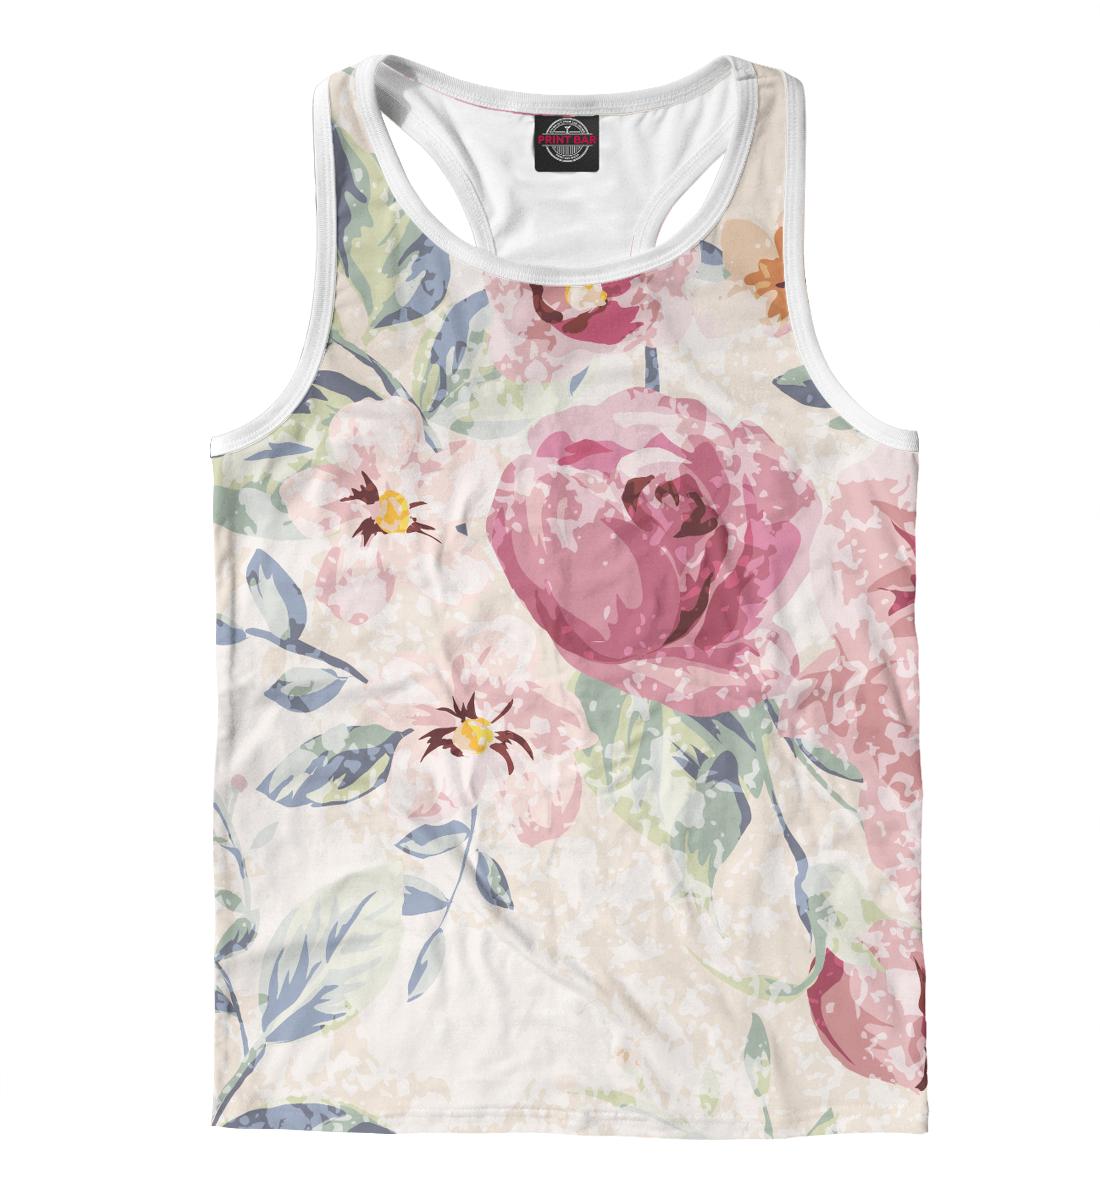 Купить Крупные цветы, Printbar, Майки борцовки, CVE-423206-mayb-2